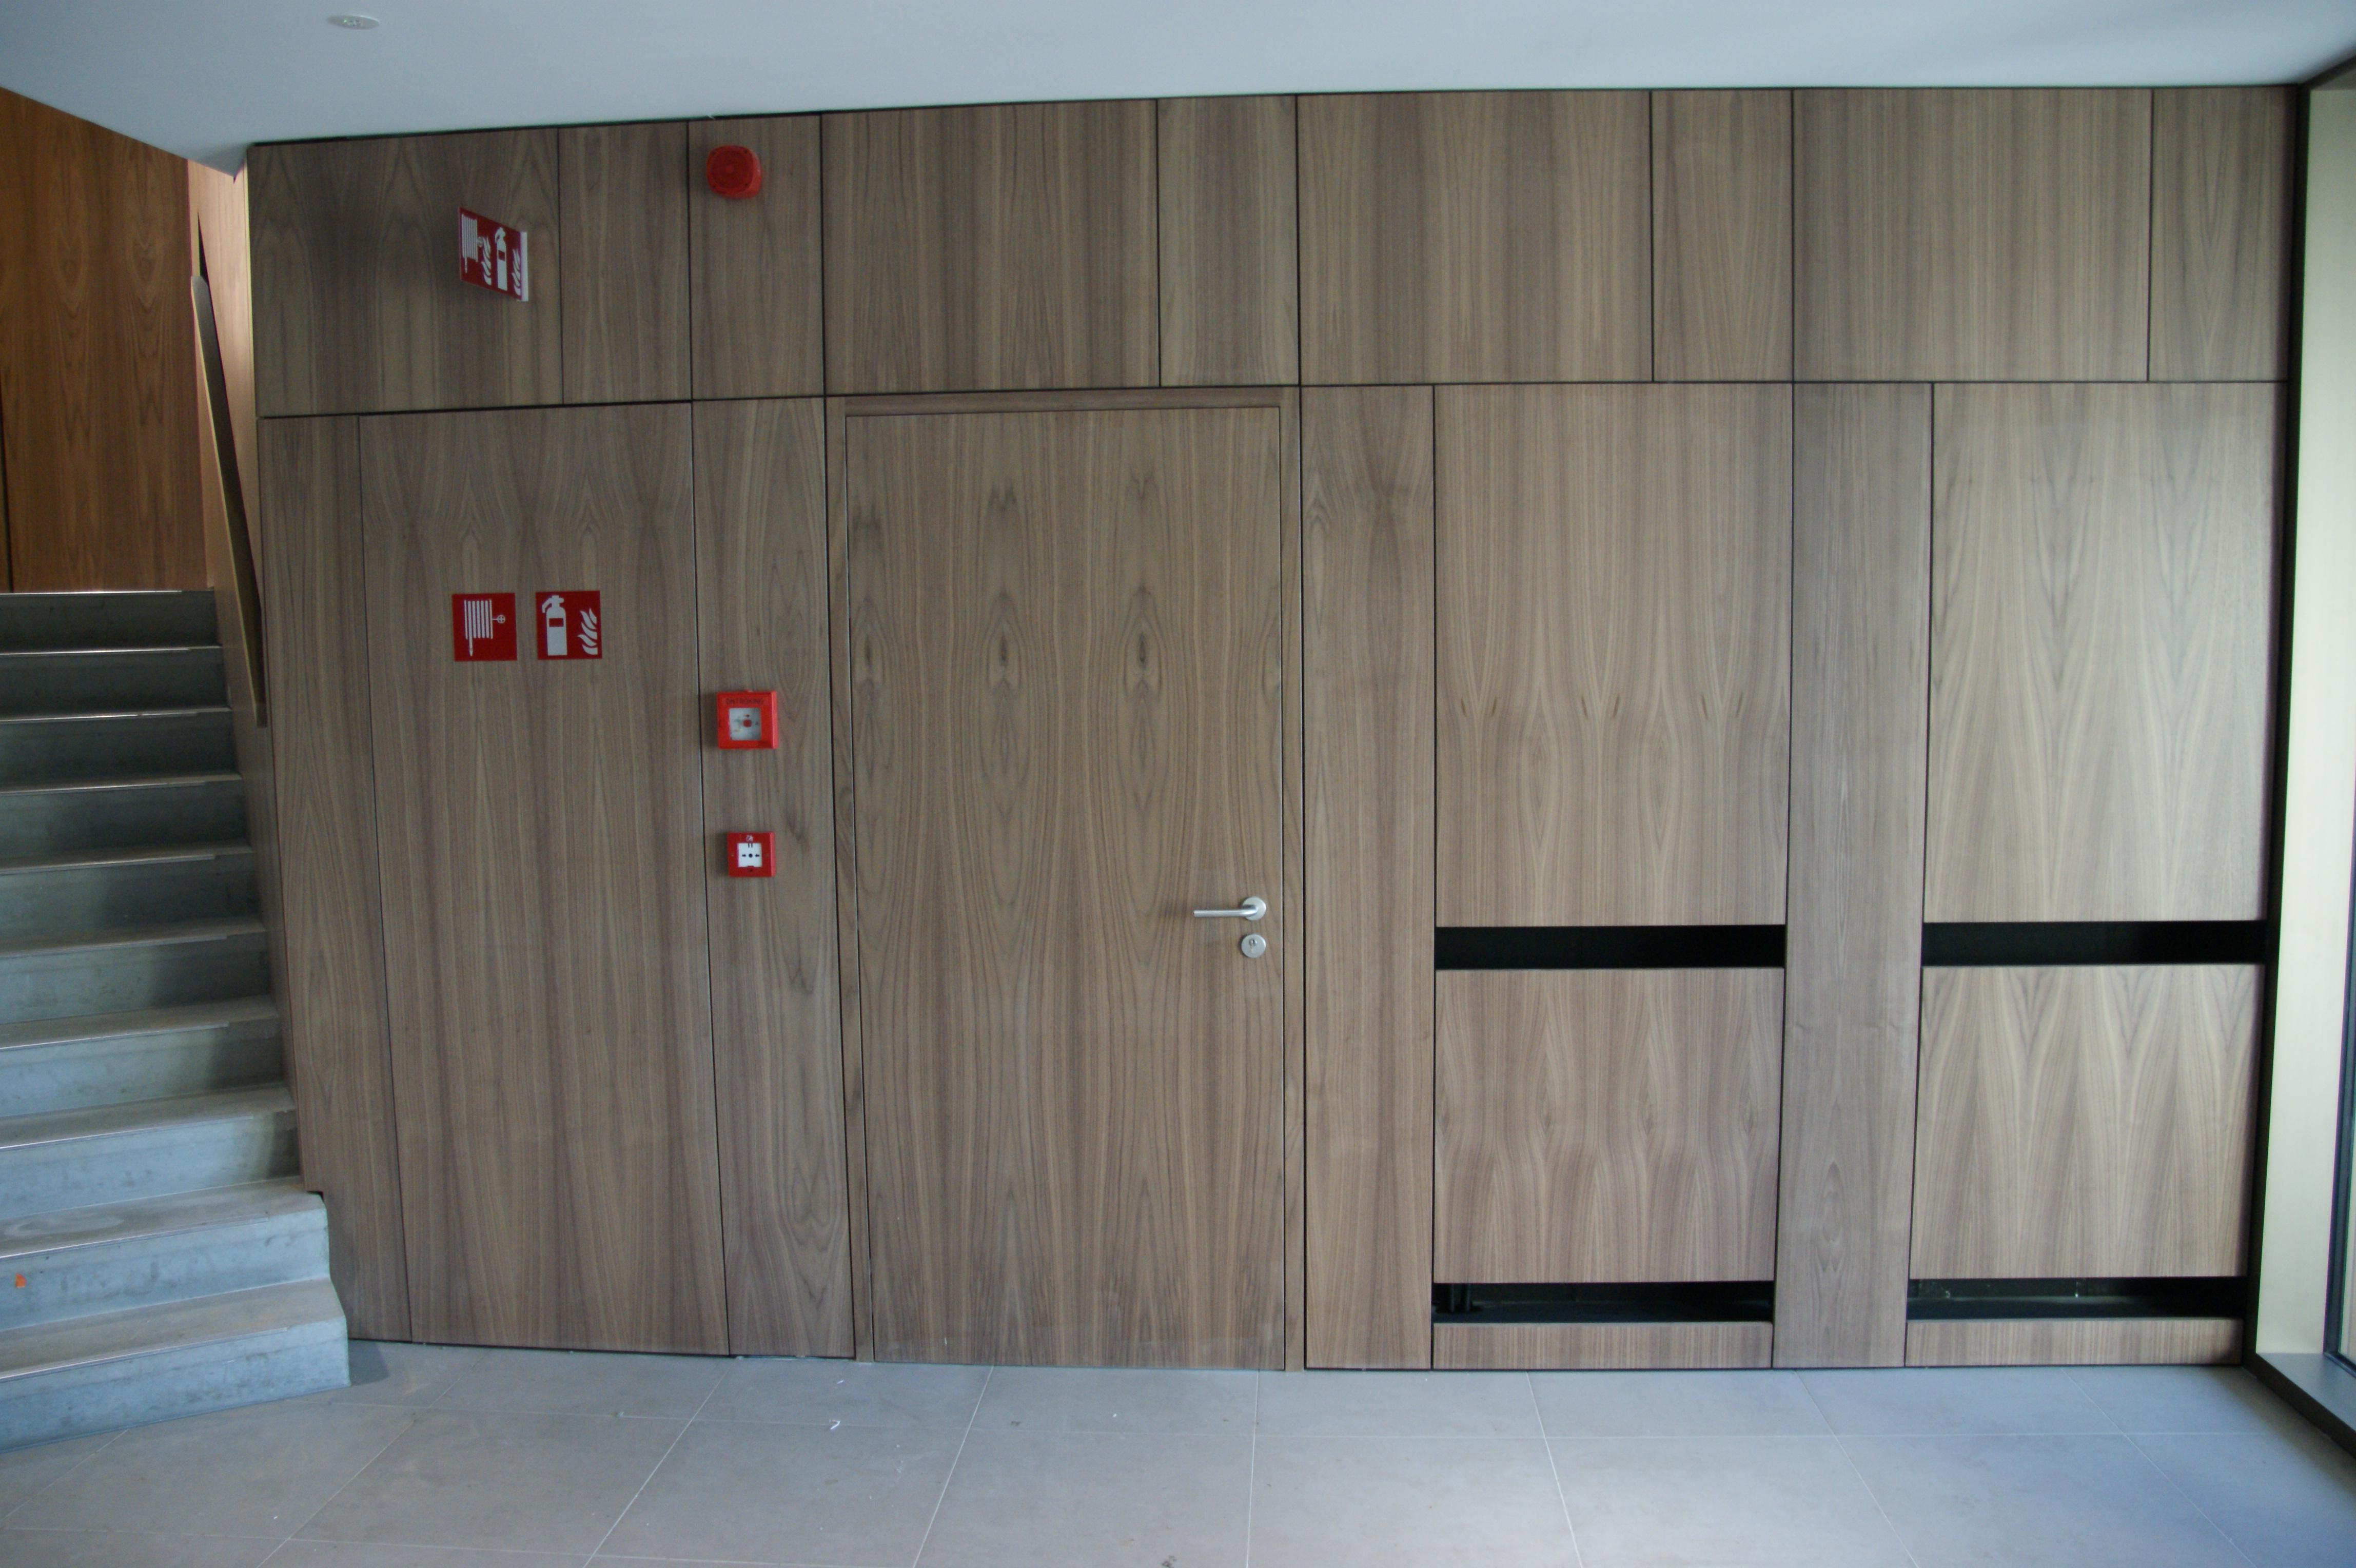 Moors interieur nieuw zuid antwerpen for Interieur antwerpen